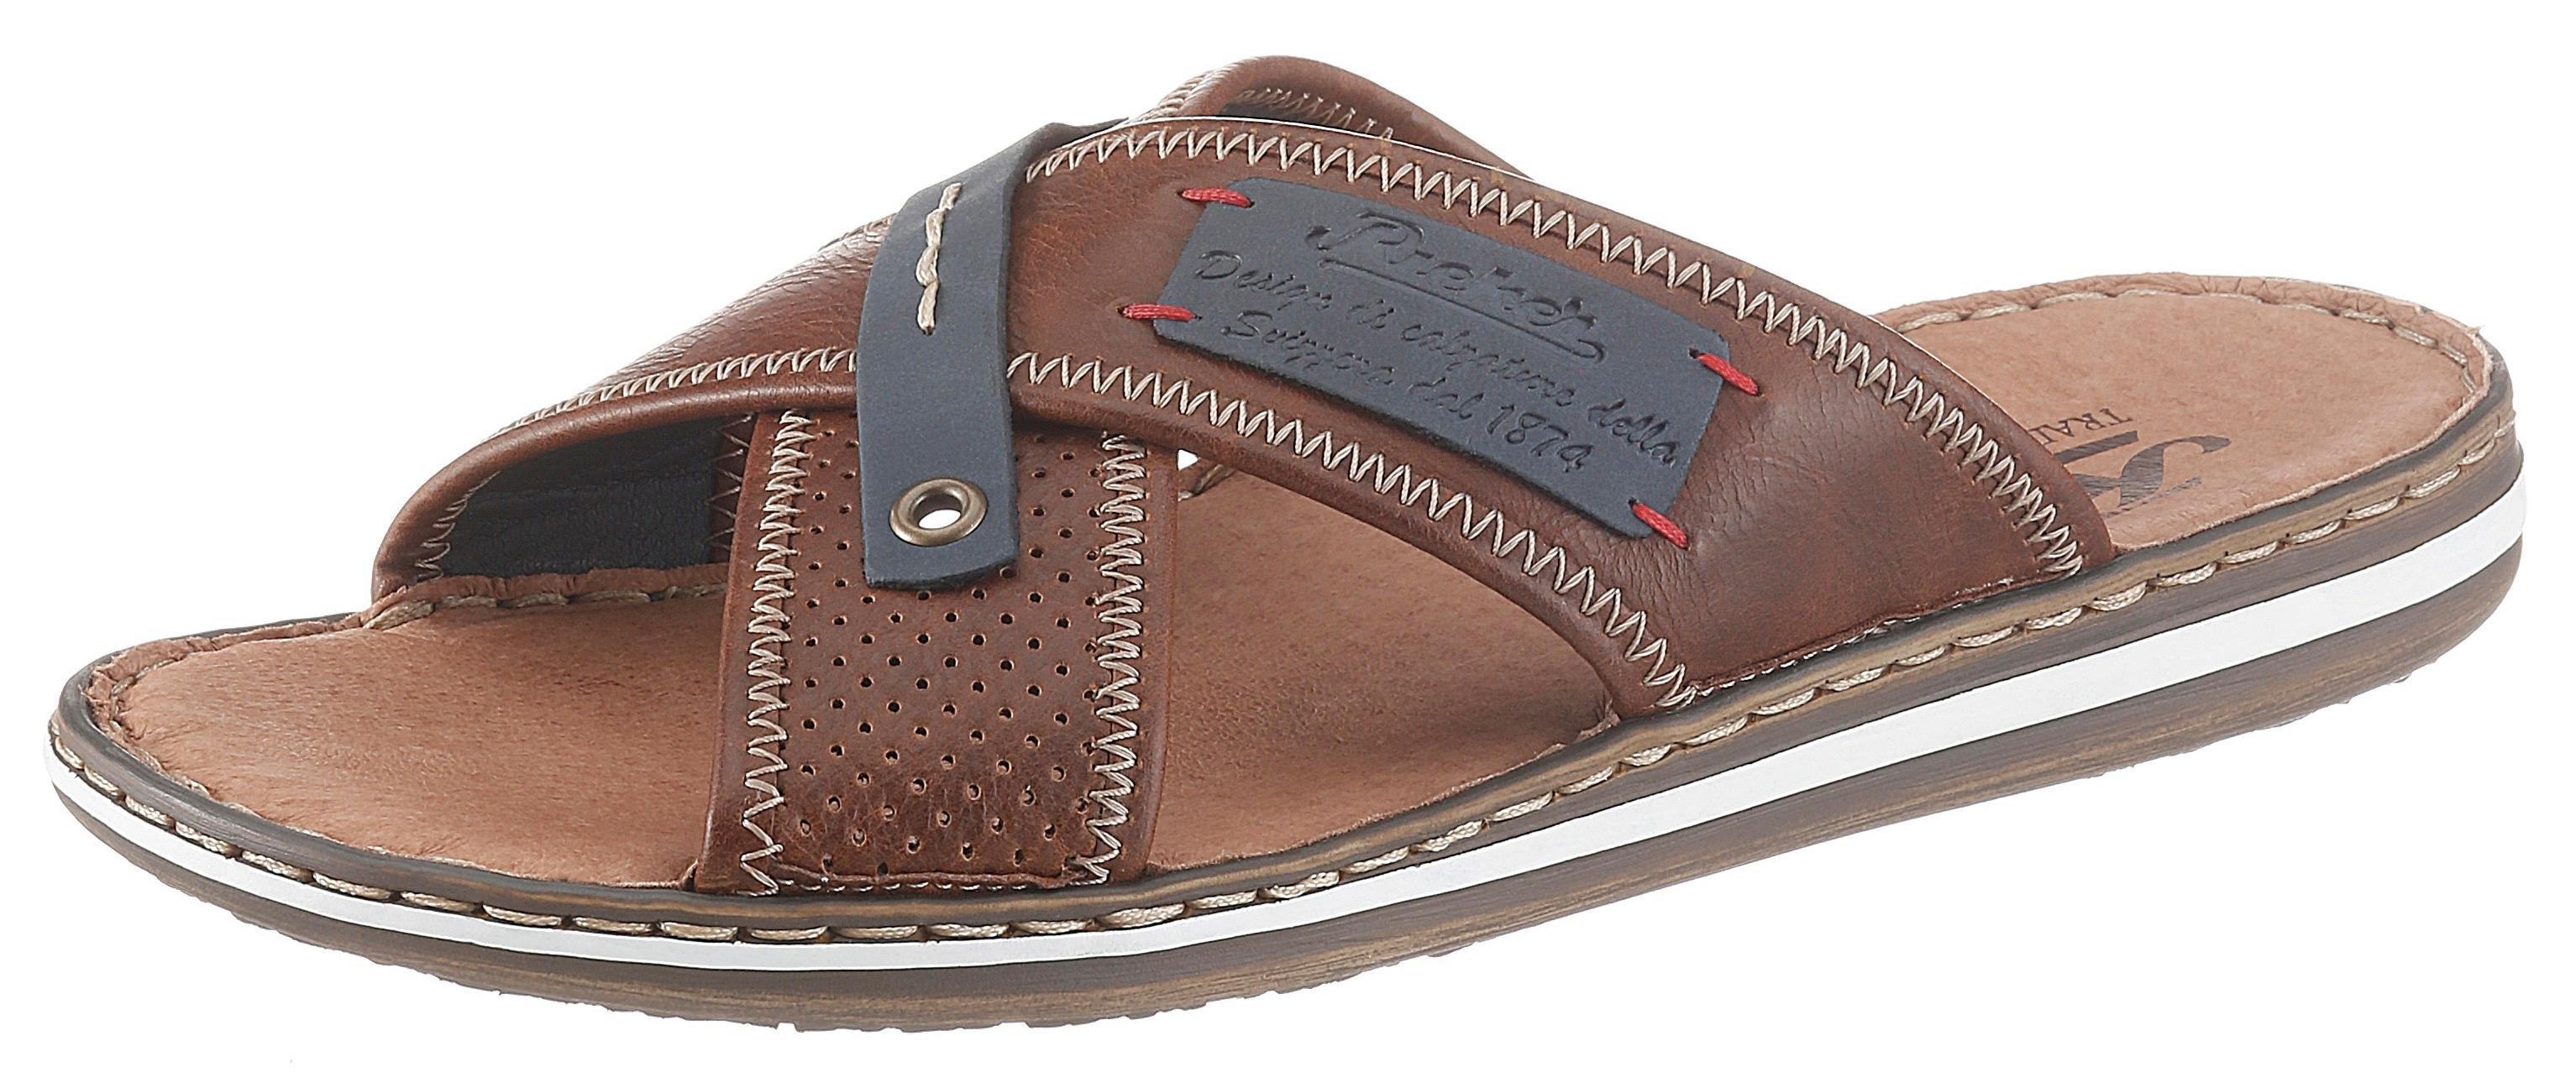 Op zoek naar een Rieker slippers? Koop online bij OTTO